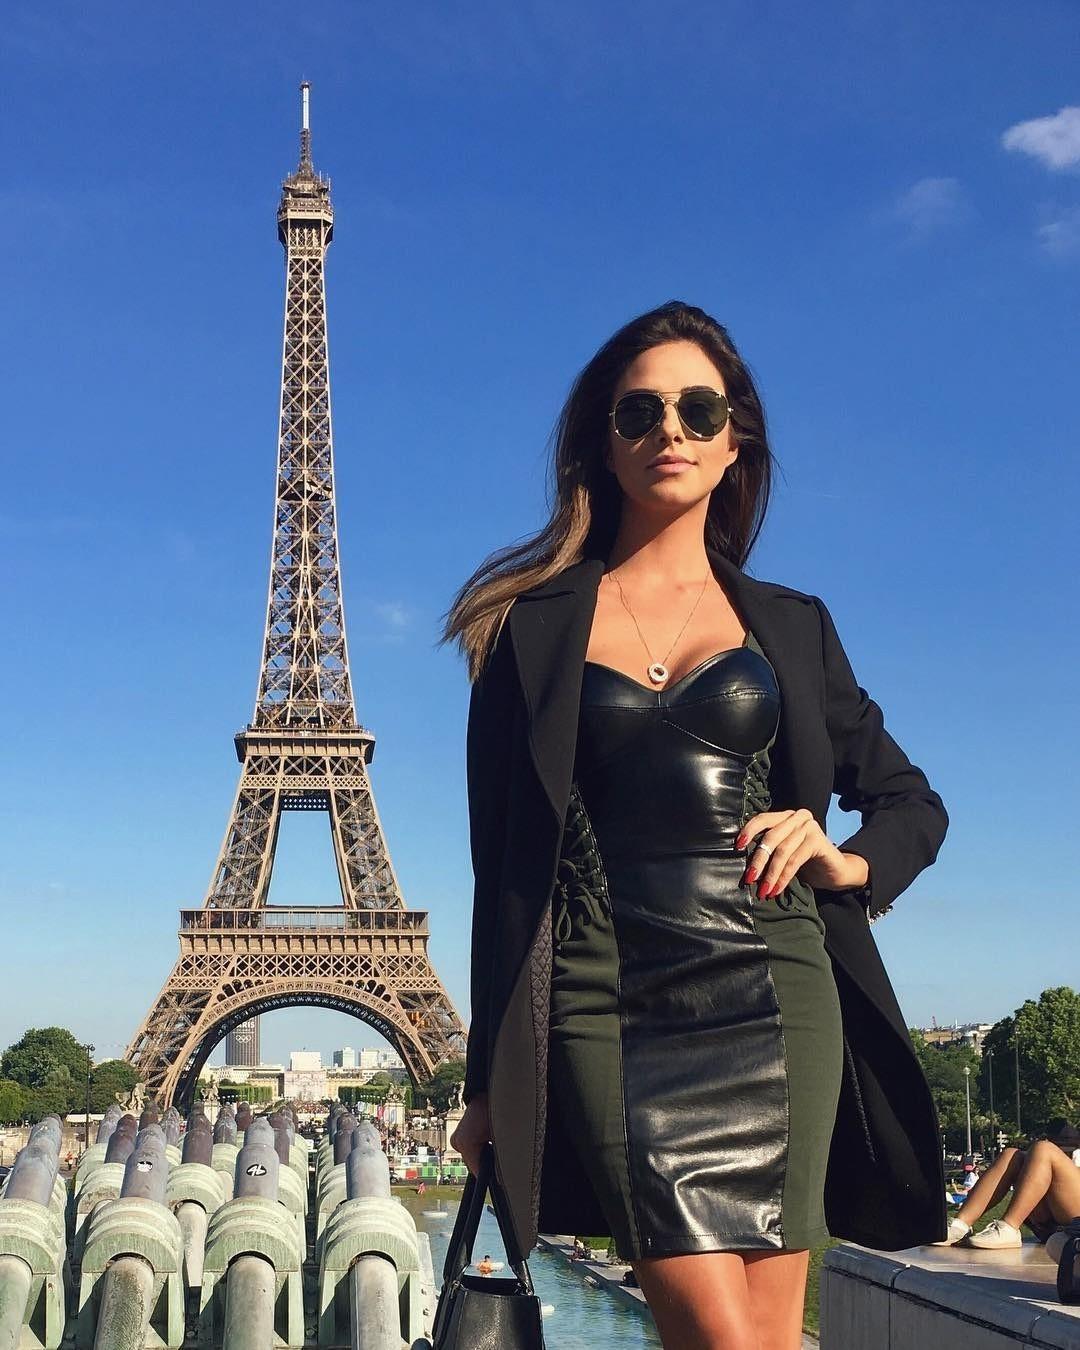 Работа для девушек в Париже